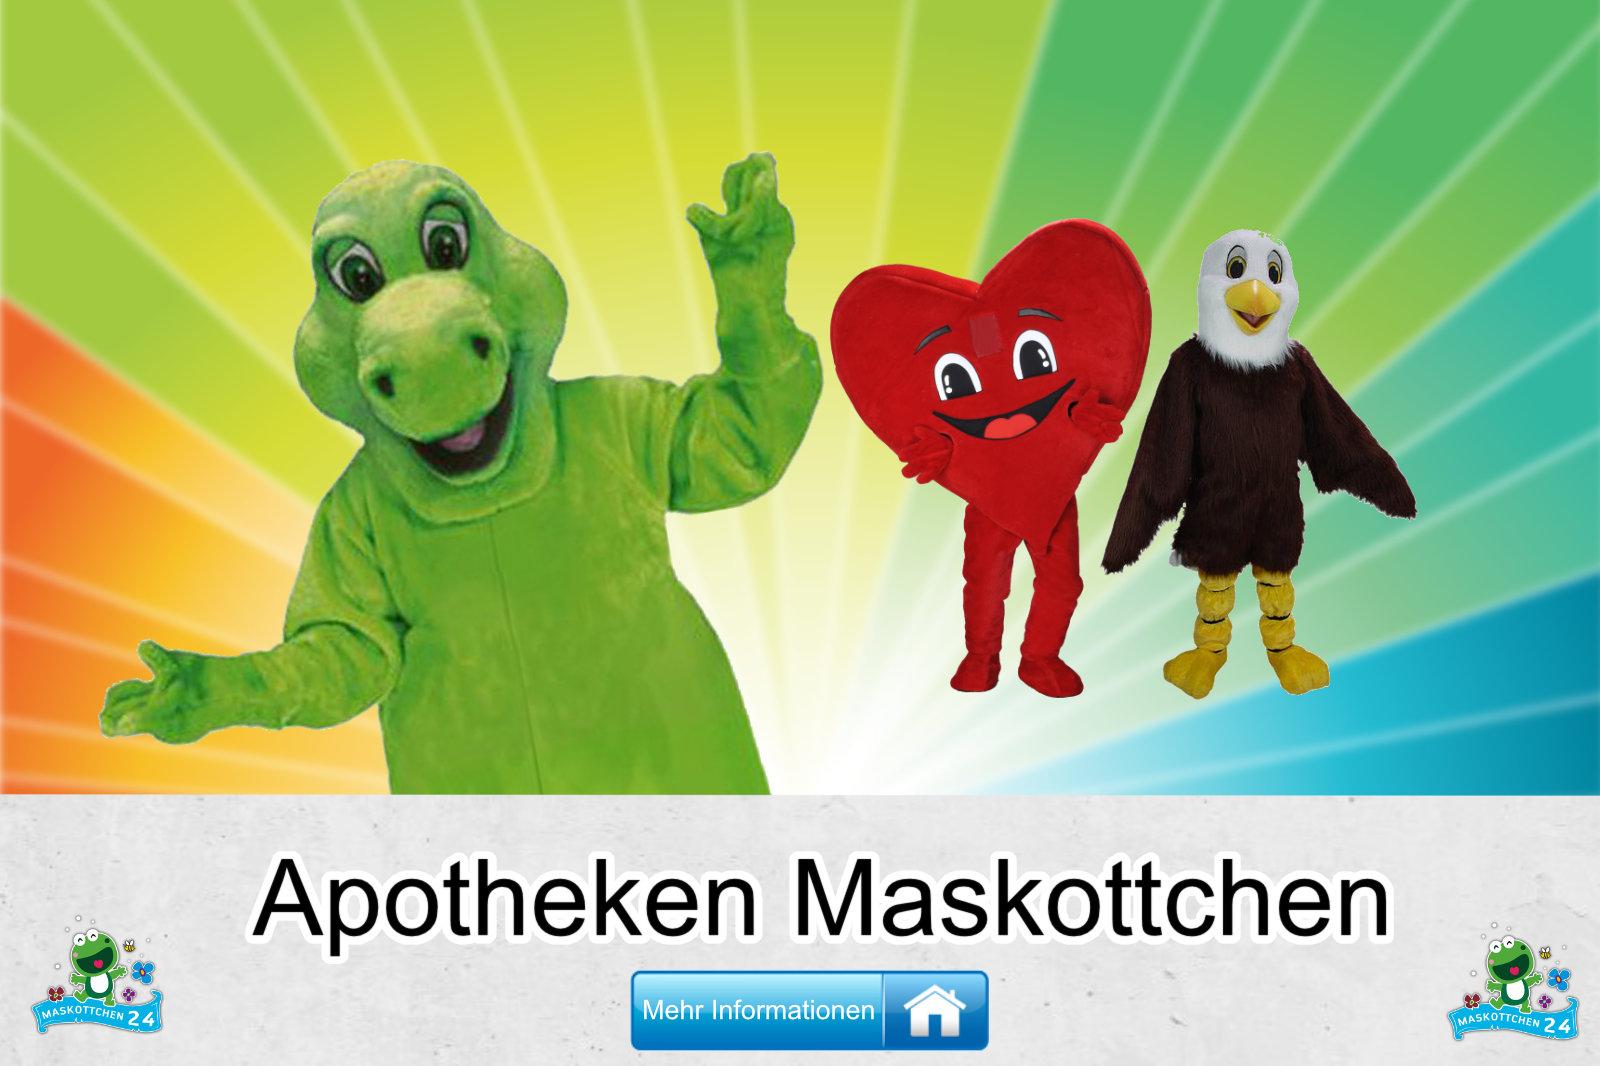 Kostüm Maskottchen Günstig-Kaufen Produktion Apotheken